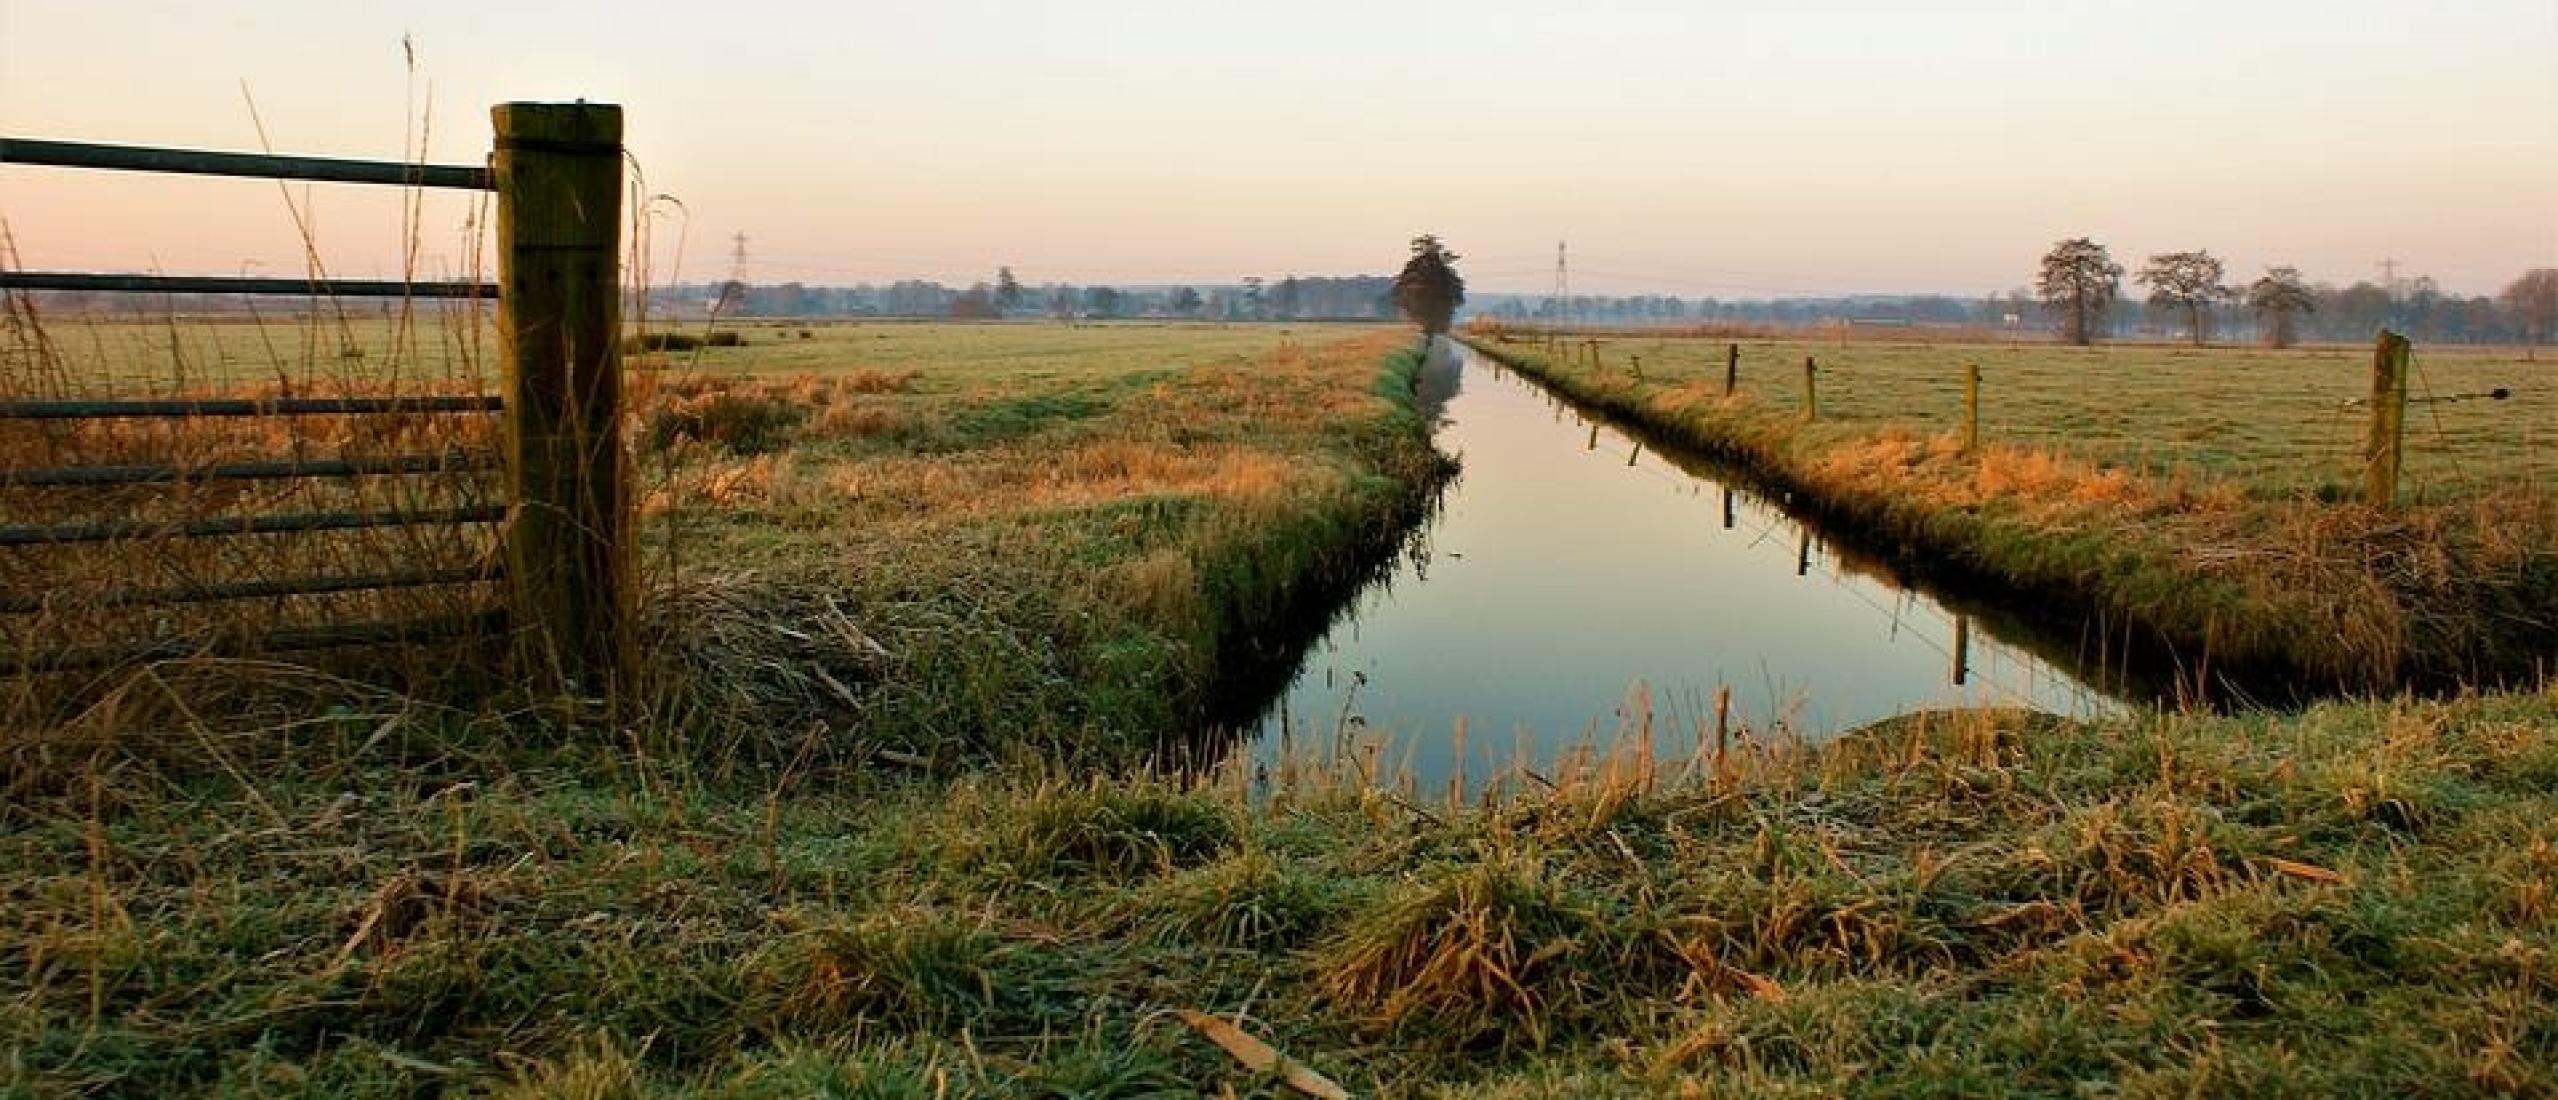 7 Top Outdoor Activities to do in the Netherlands